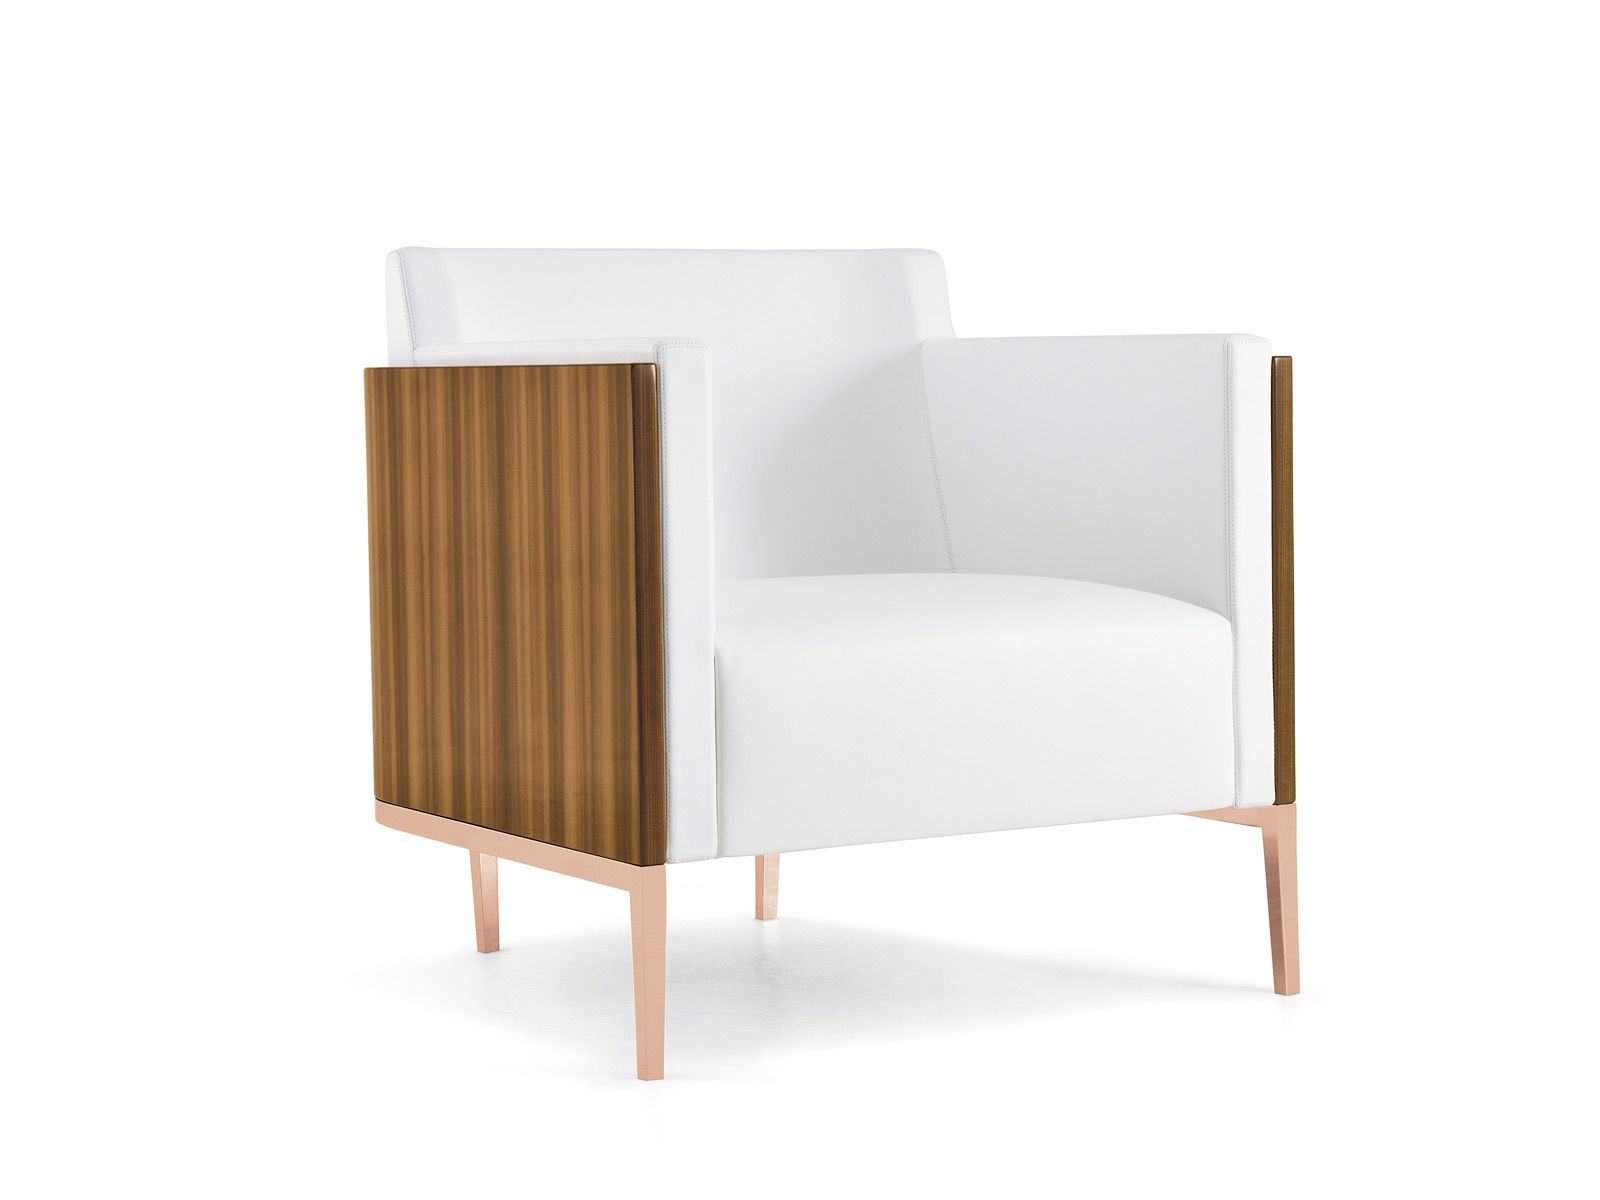 Christian Liaigre Shelter Chair De Sousa Hughes De Sousa Hughes Furniture And Lighting